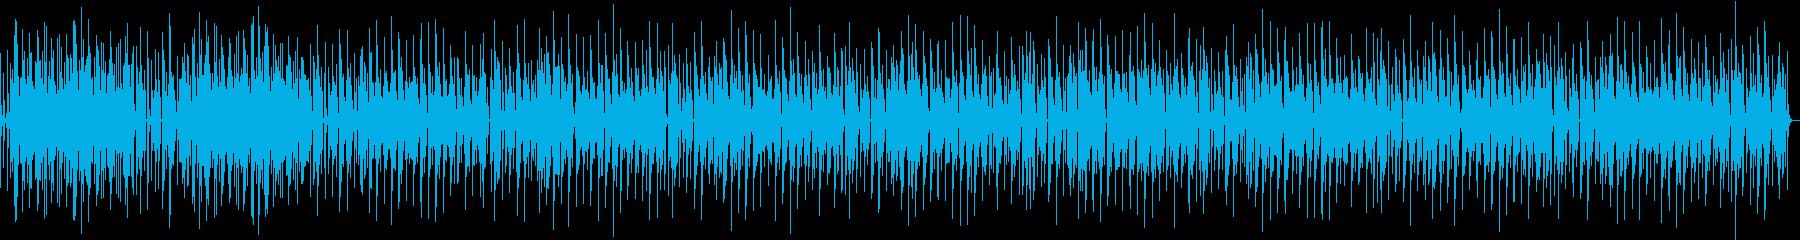 お洒落で本格的な定番ブルースギターBGMの再生済みの波形